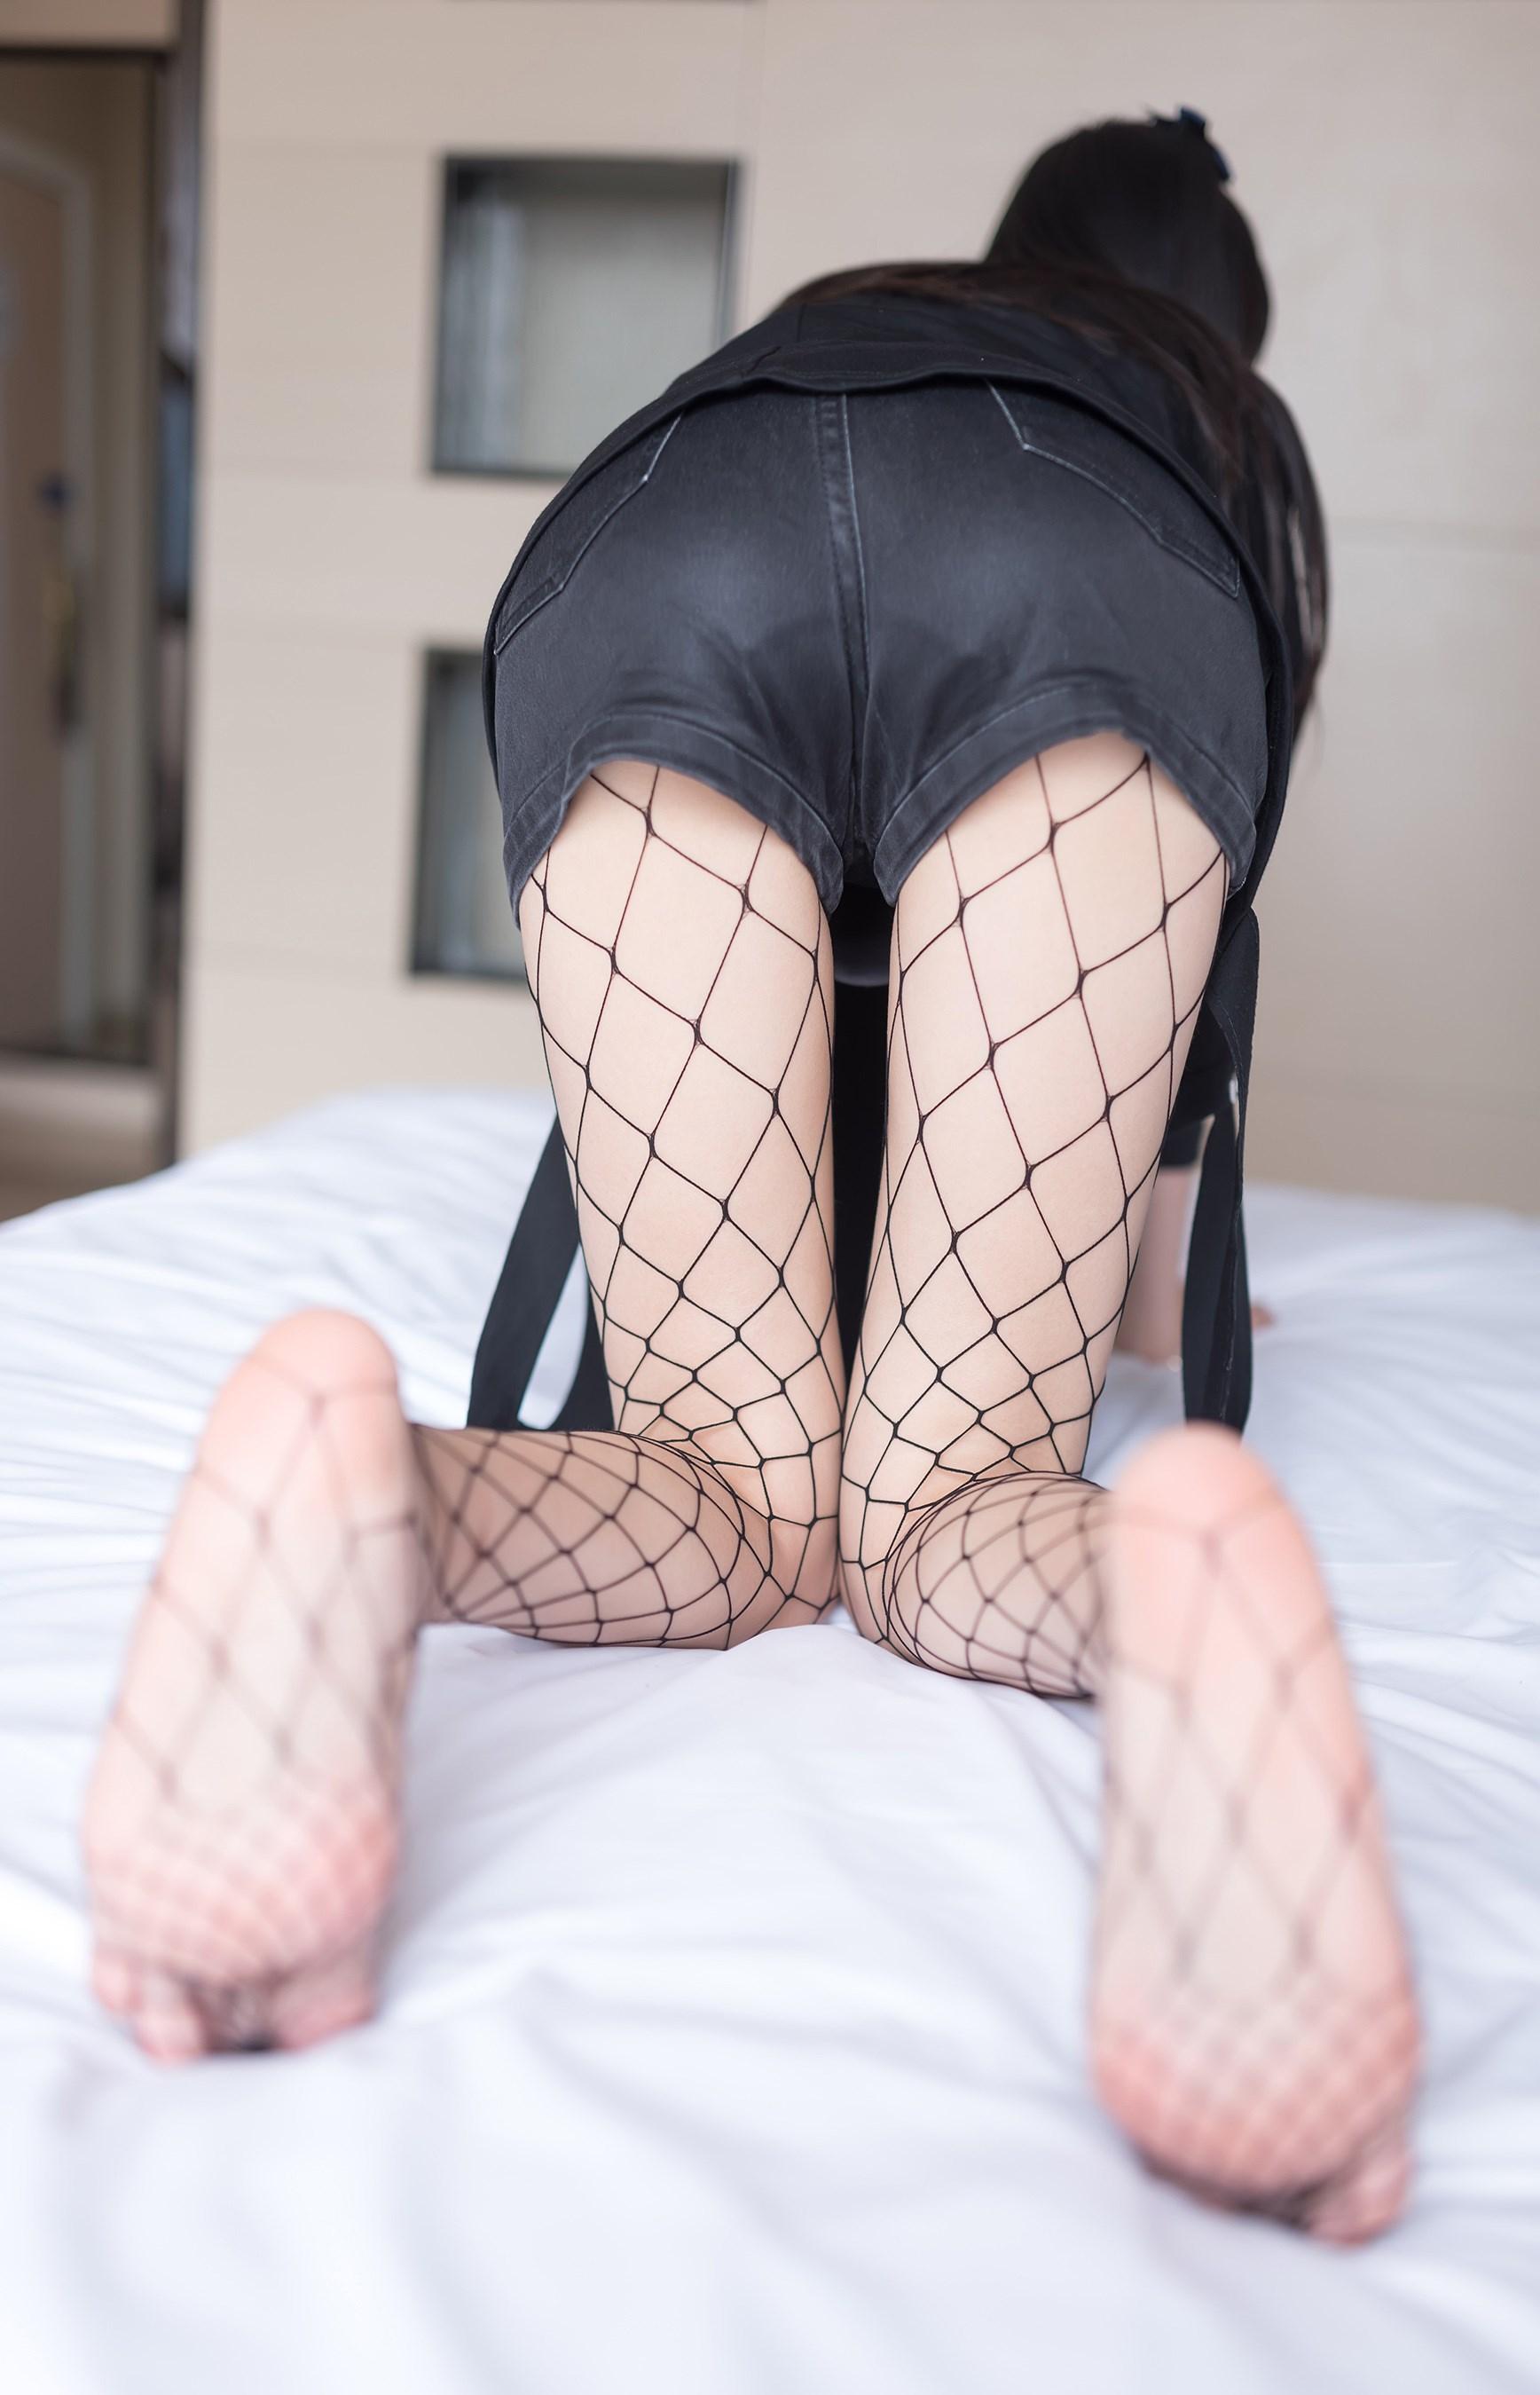 【兔玩映画】网袜少女! 兔玩映画 第42张